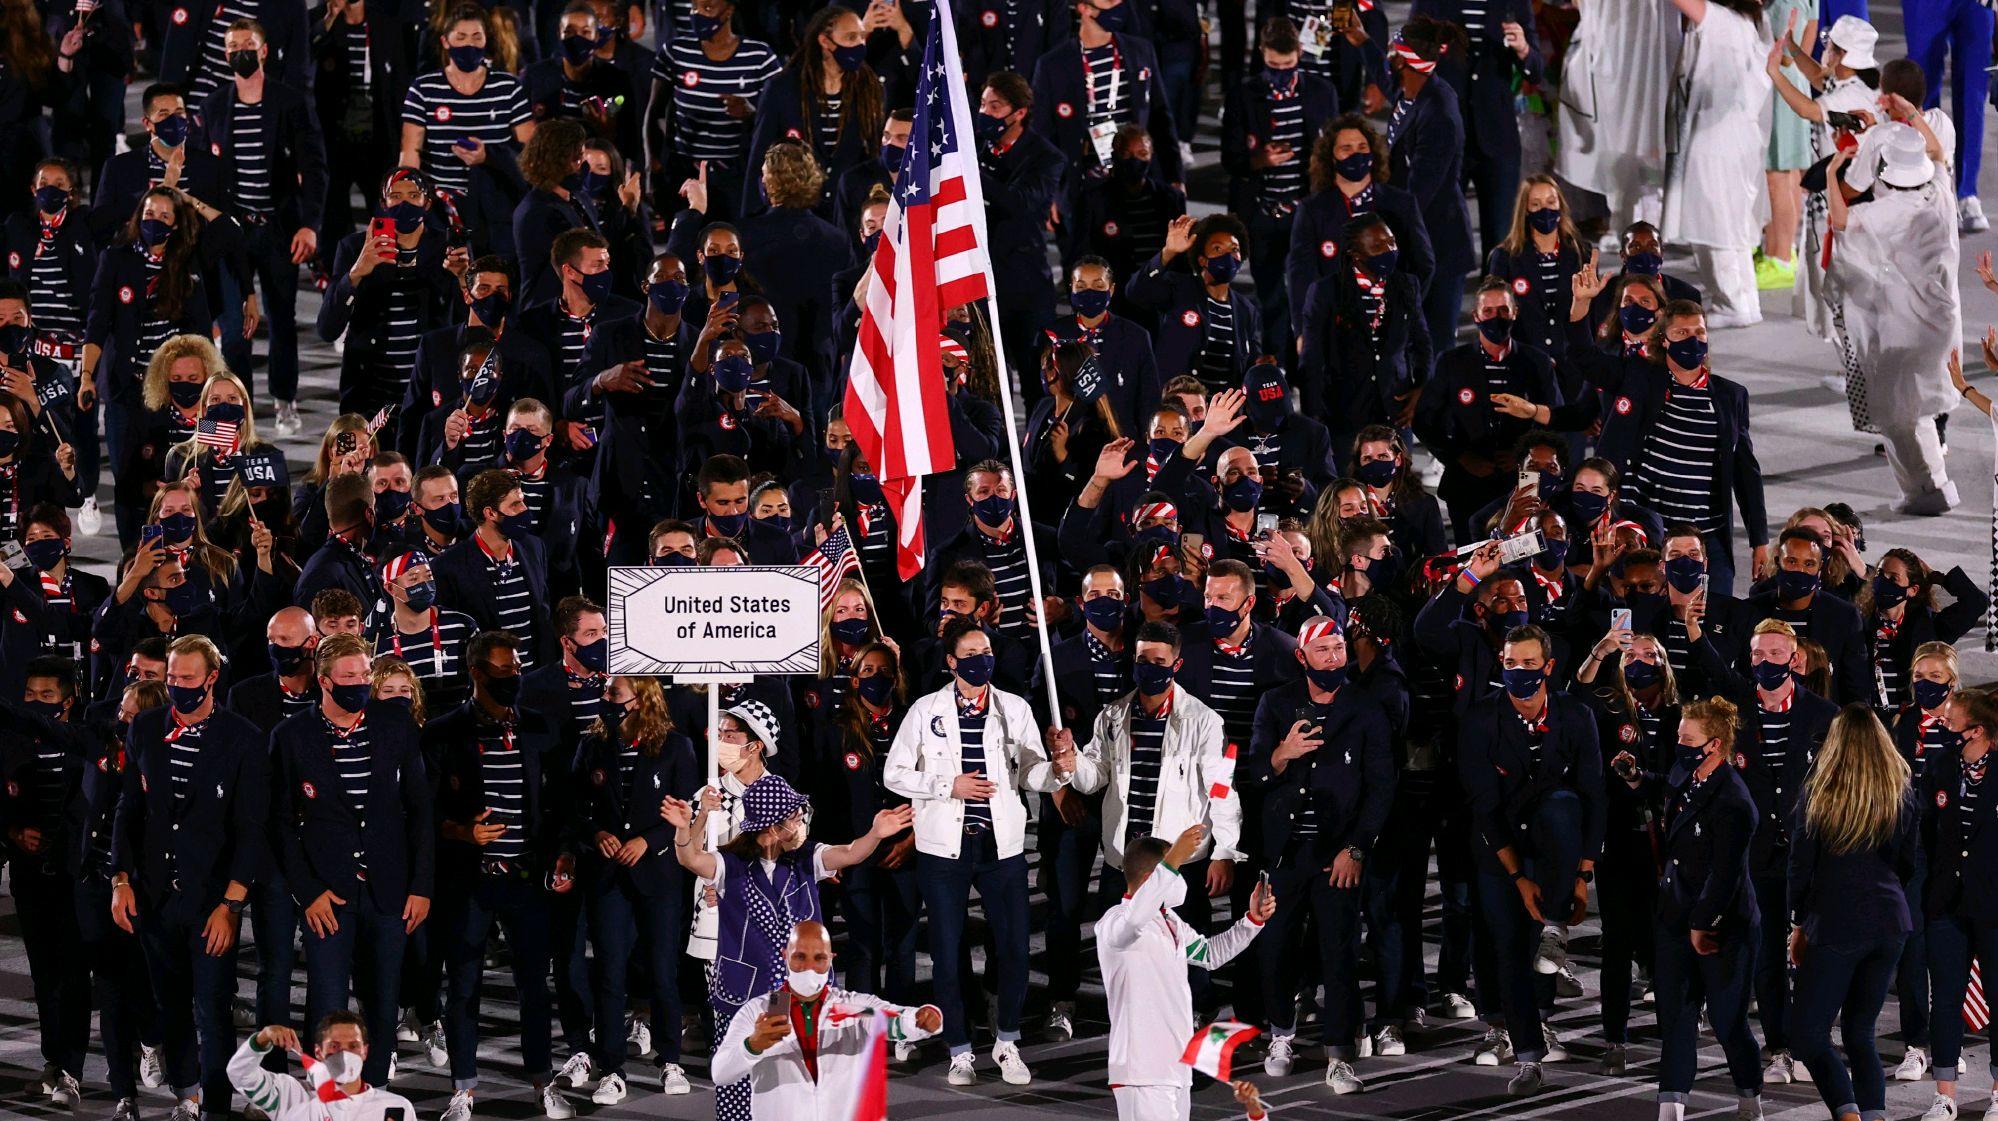 明明有實力,卻偏偏耍猴戲:東京奧運金牌榜,讓美國秀了一把醜陋